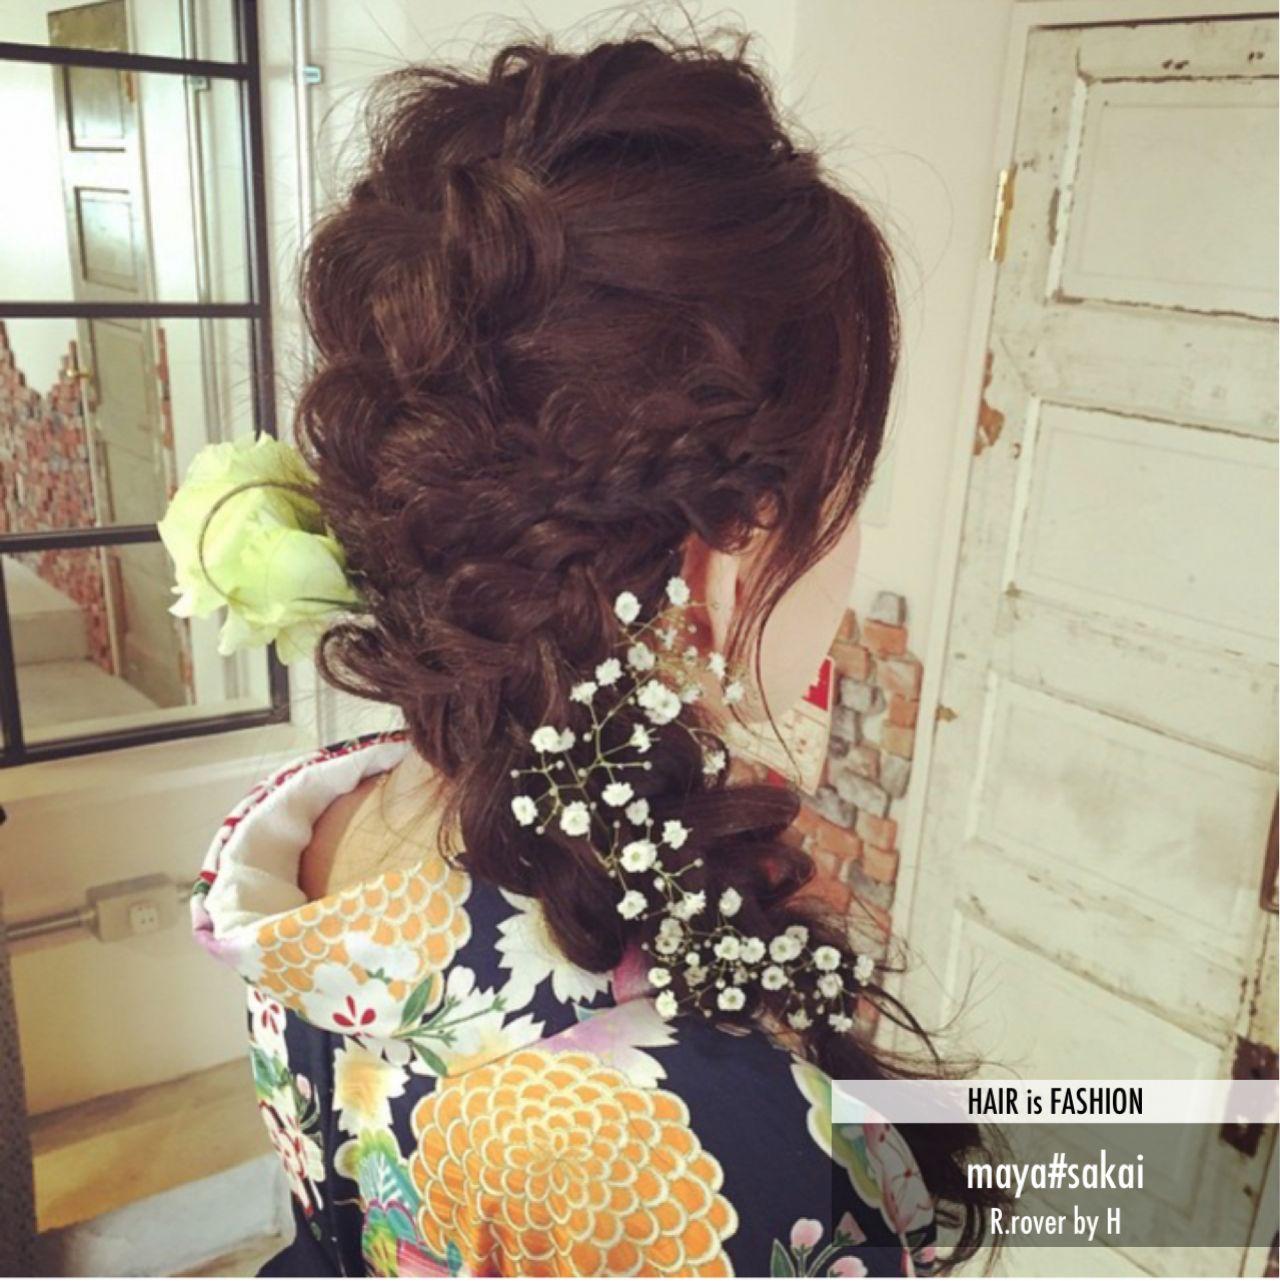 成人式・卒業式におすすめ。着物に合わせたいヘアスタイルまとめ  maya sakai